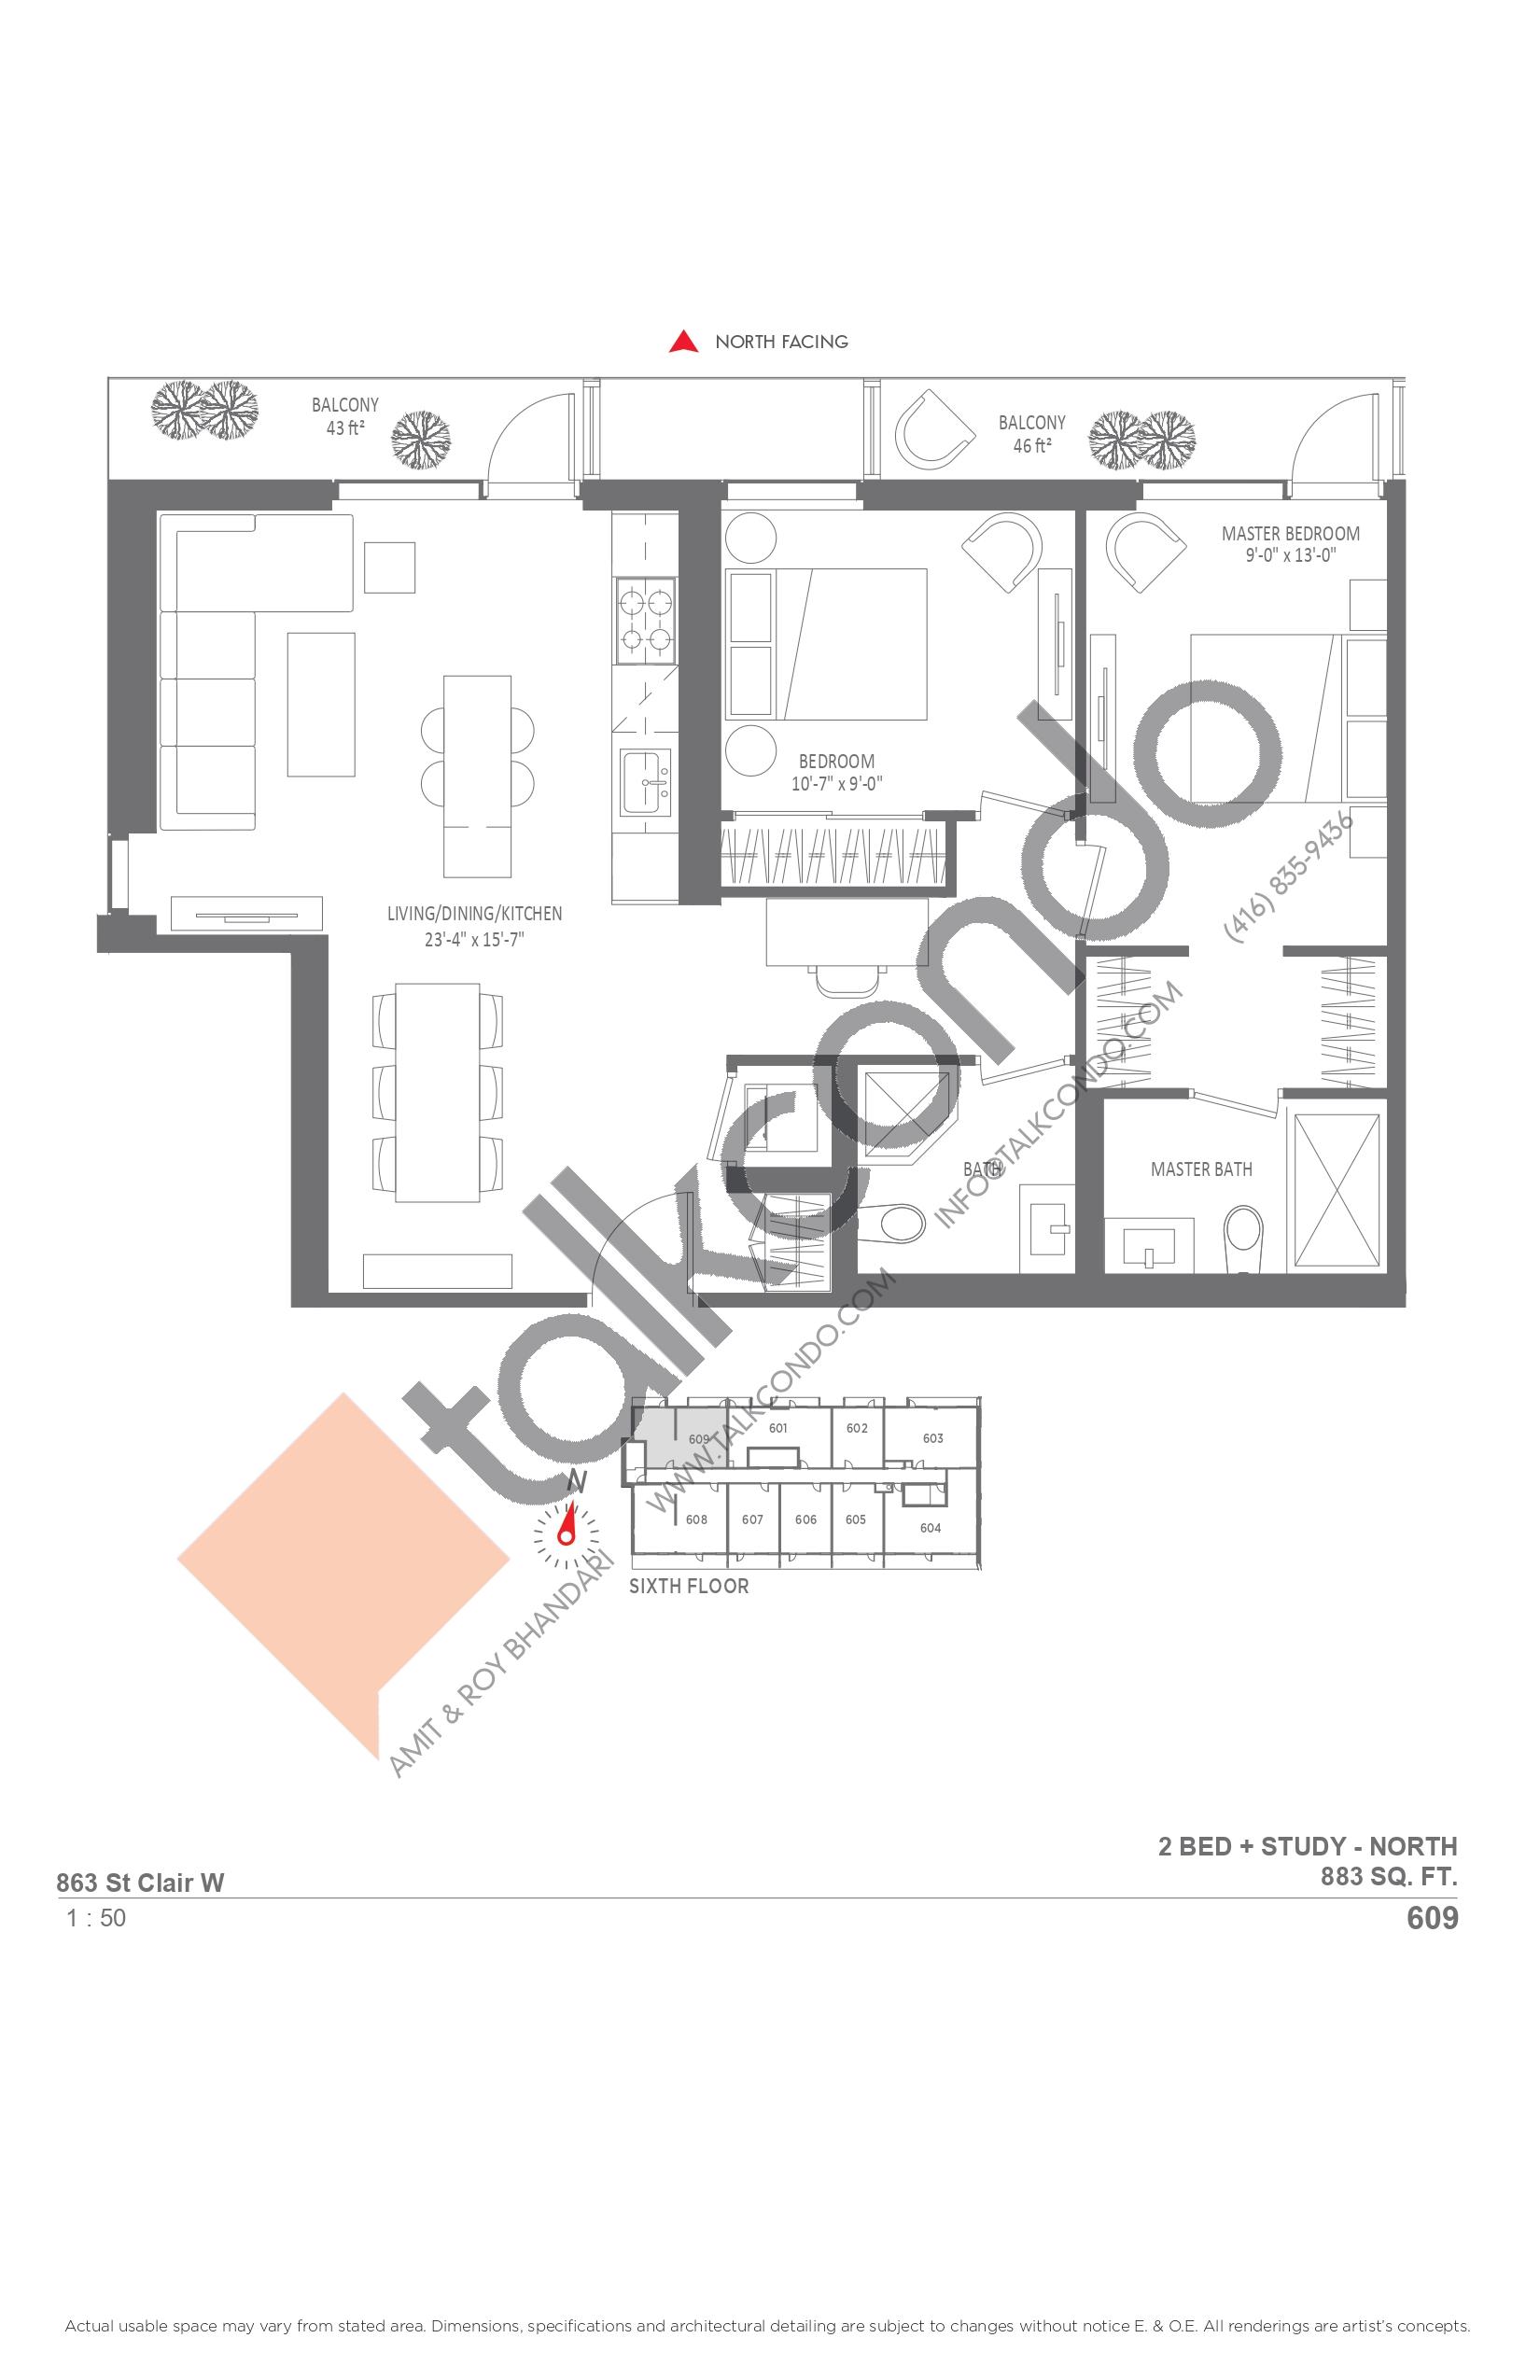 609 Floor Plan at Monza Condos - 883 sq.ft